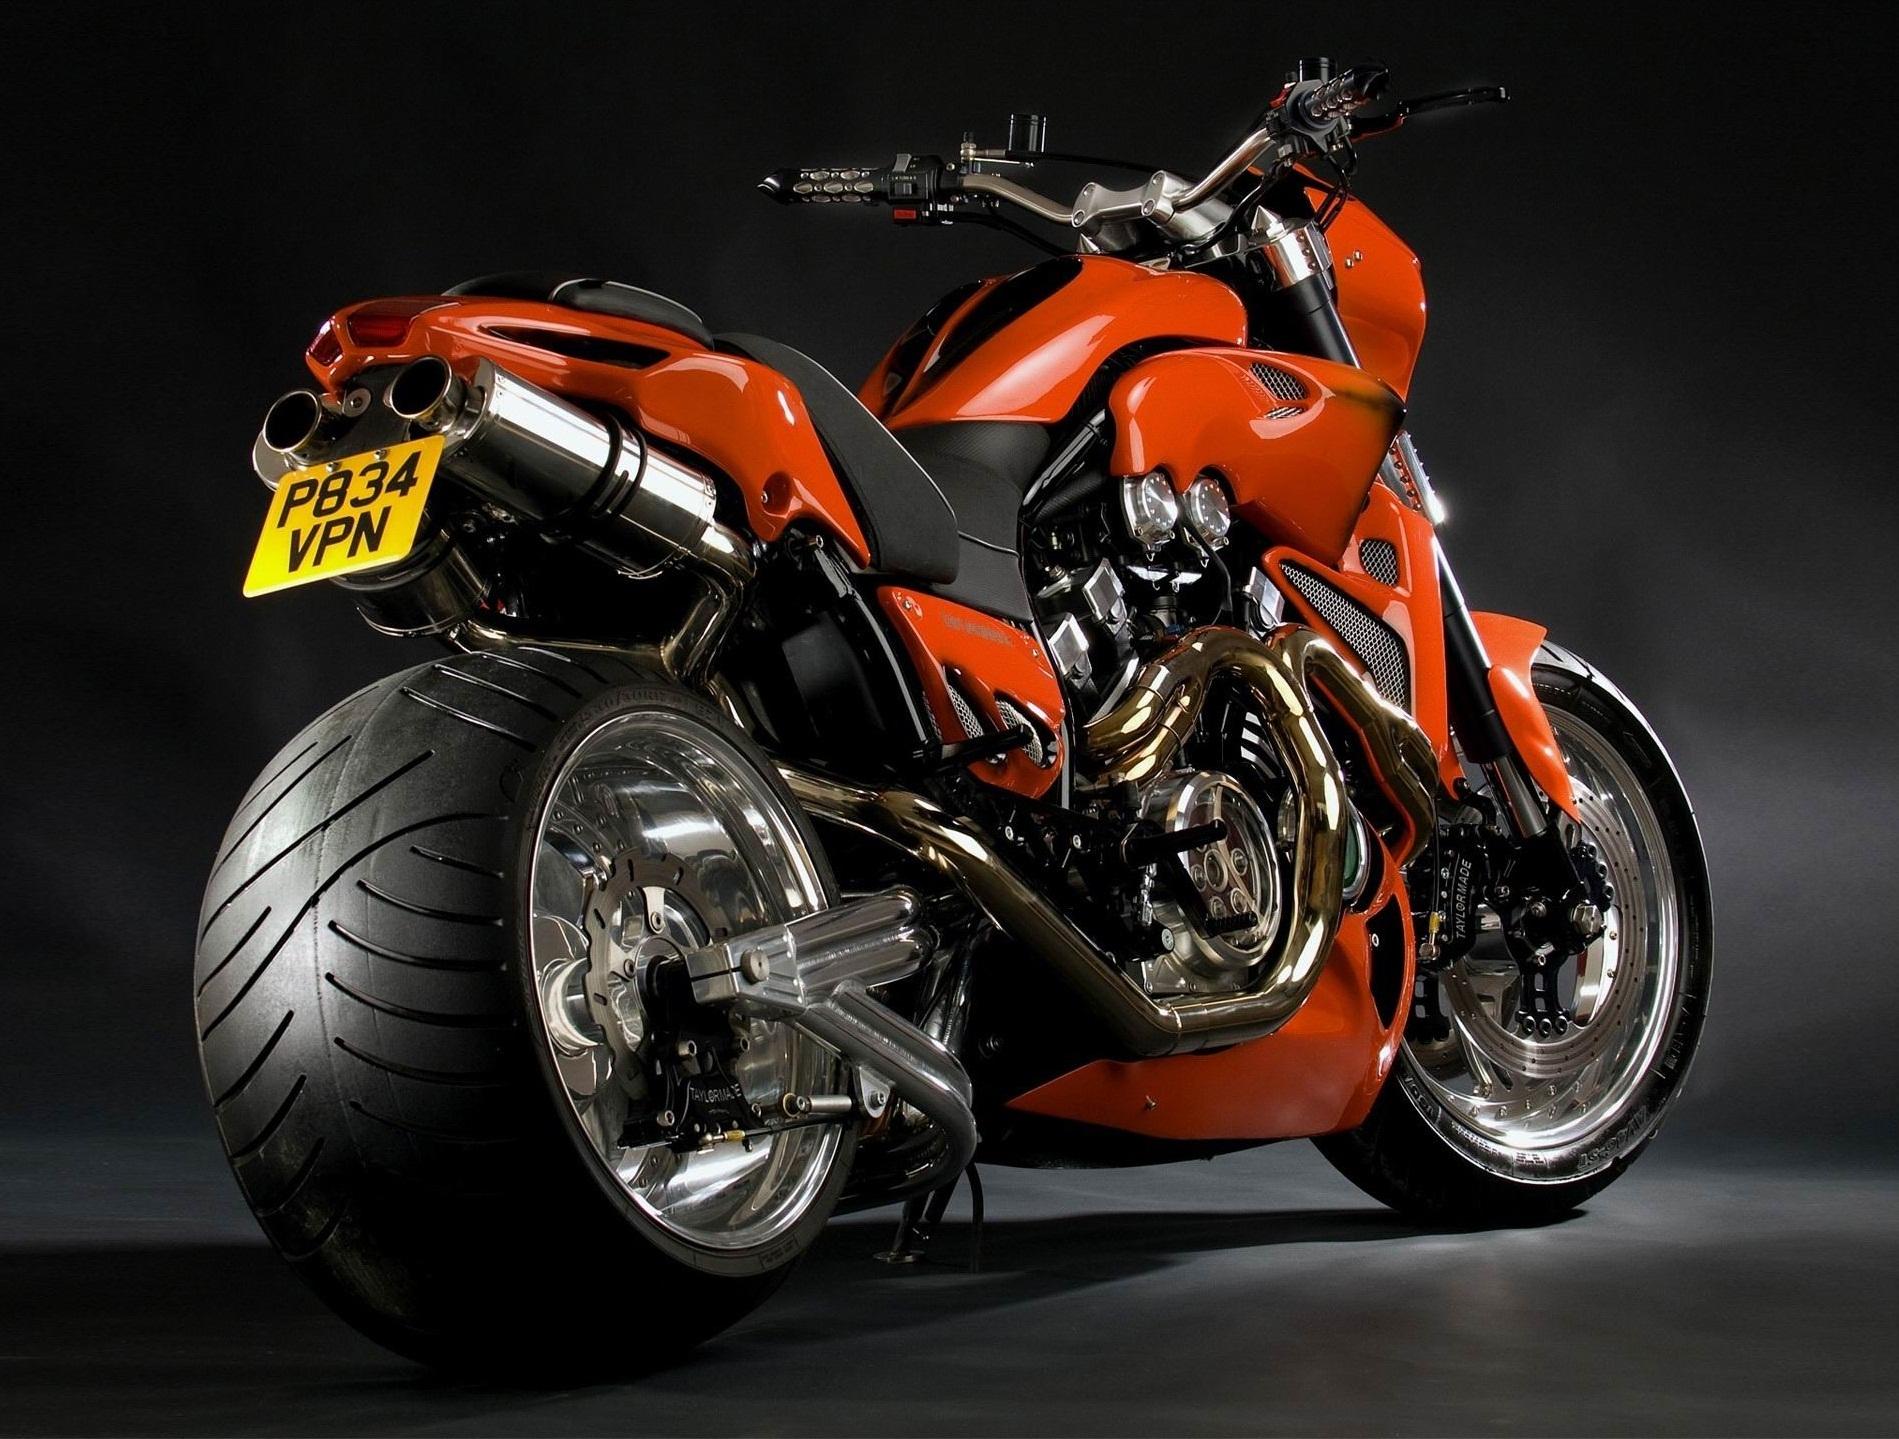 117219 Hintergrundbild herunterladen Motorräder, Design, Geschwindigkeit, Stil, Freiheit - Bildschirmschoner und Bilder kostenlos